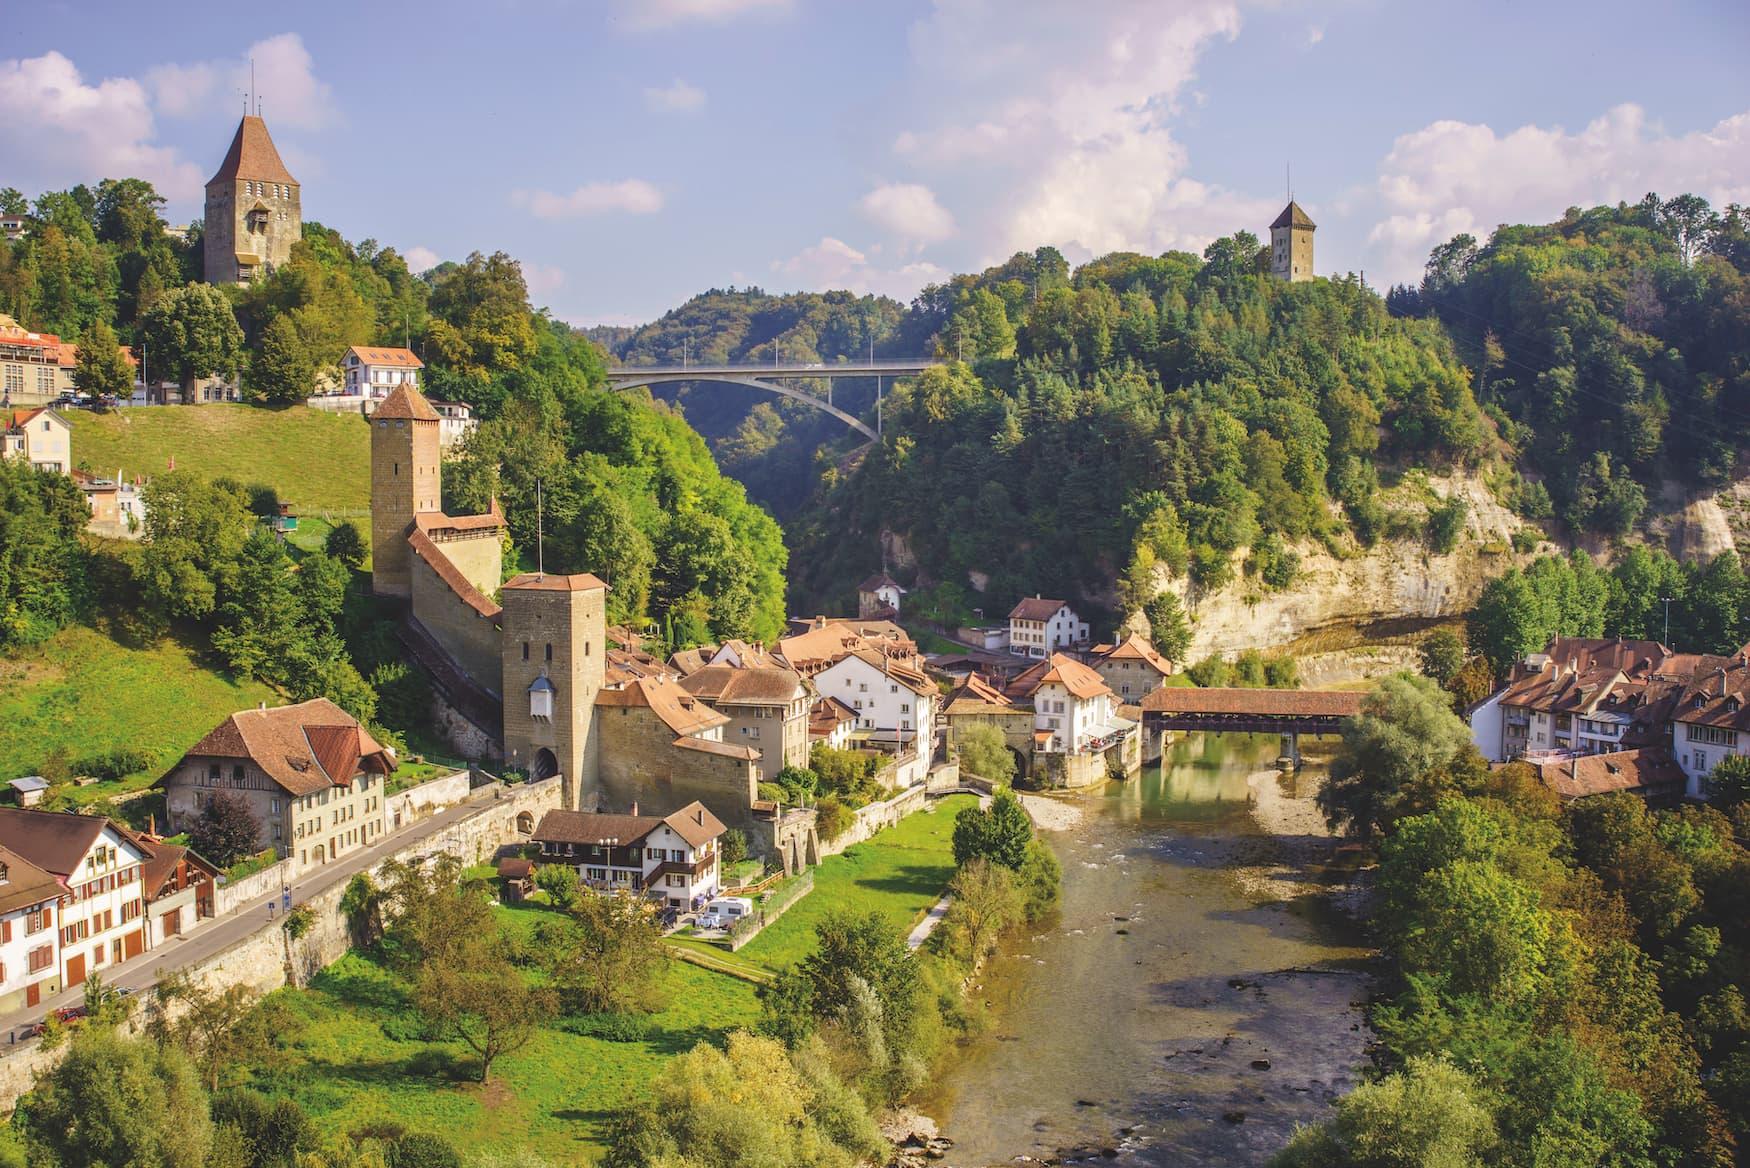 Die Sanne fließt quer die Altstad von Fribourg, mit Blick auf den Katzenturm und die Gottéron-Brücke